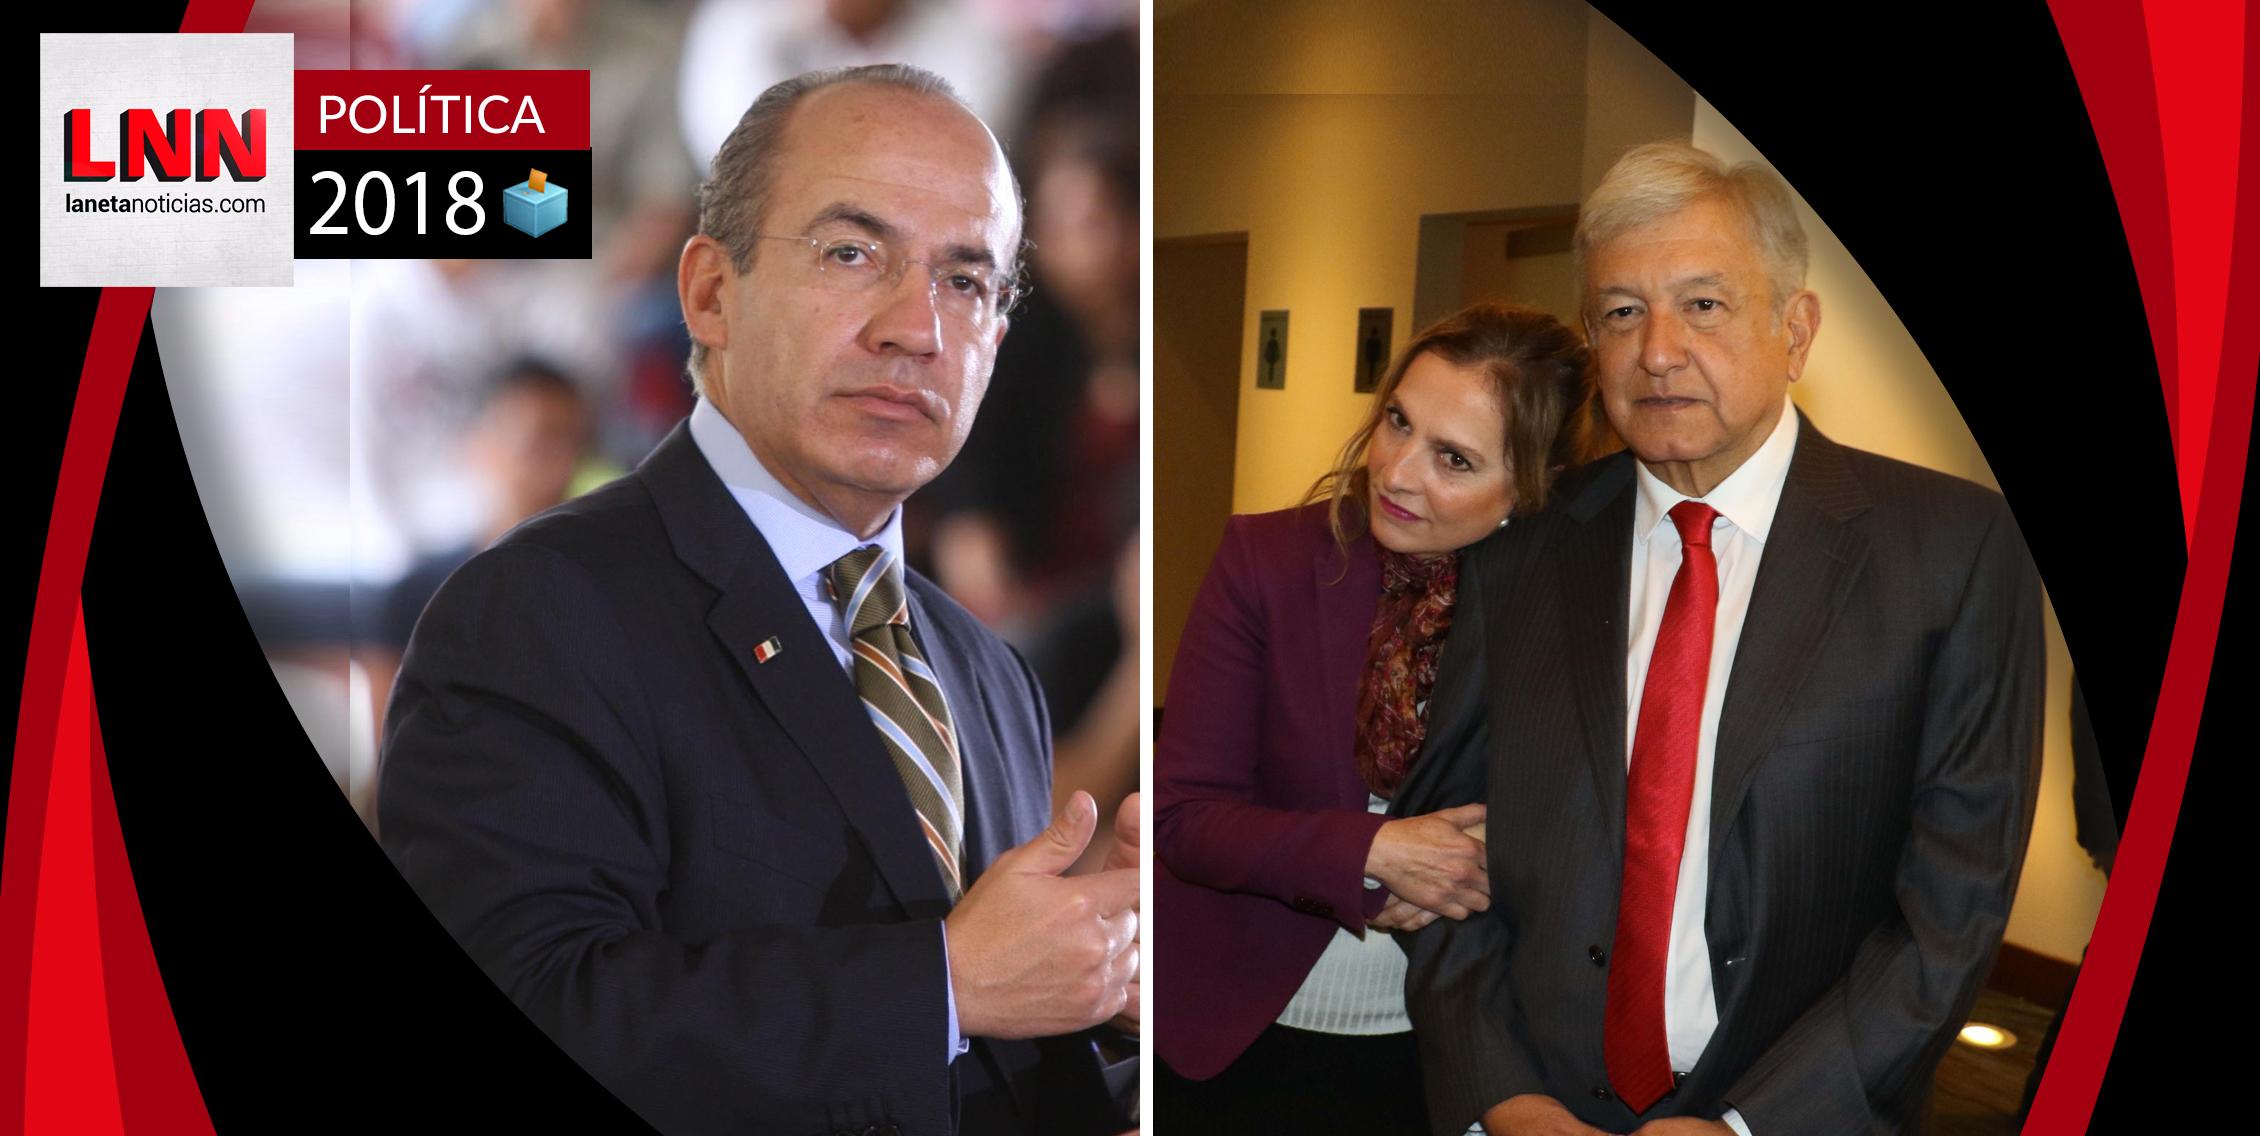 Calderón arremete contra esposa de AMLO y sale humillado por tremendo error